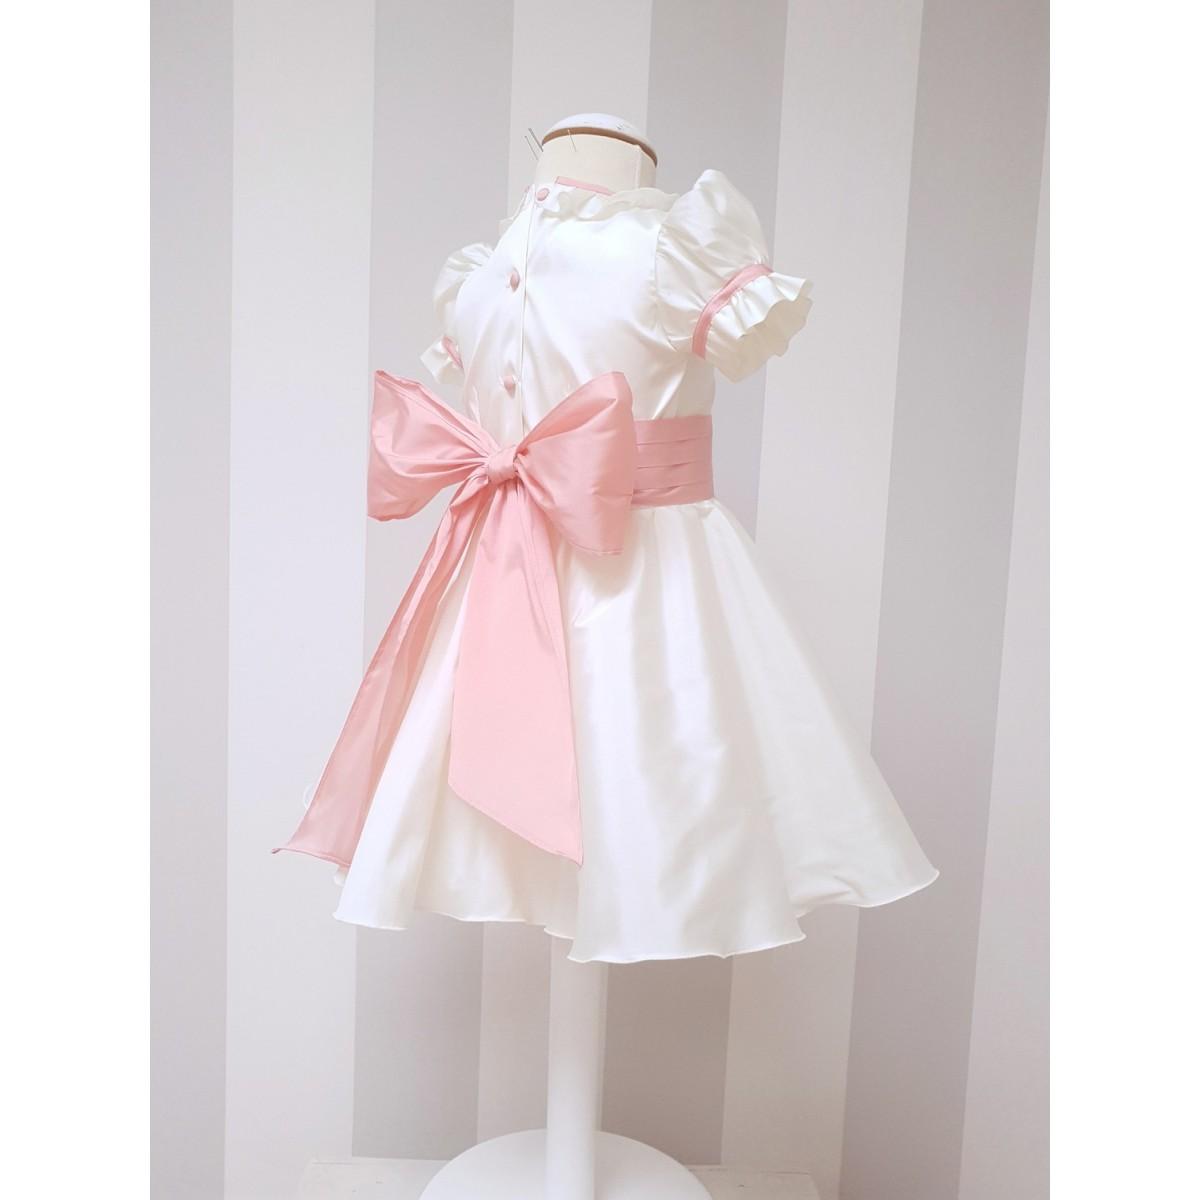 Imagenes de vestidos de boda para nina